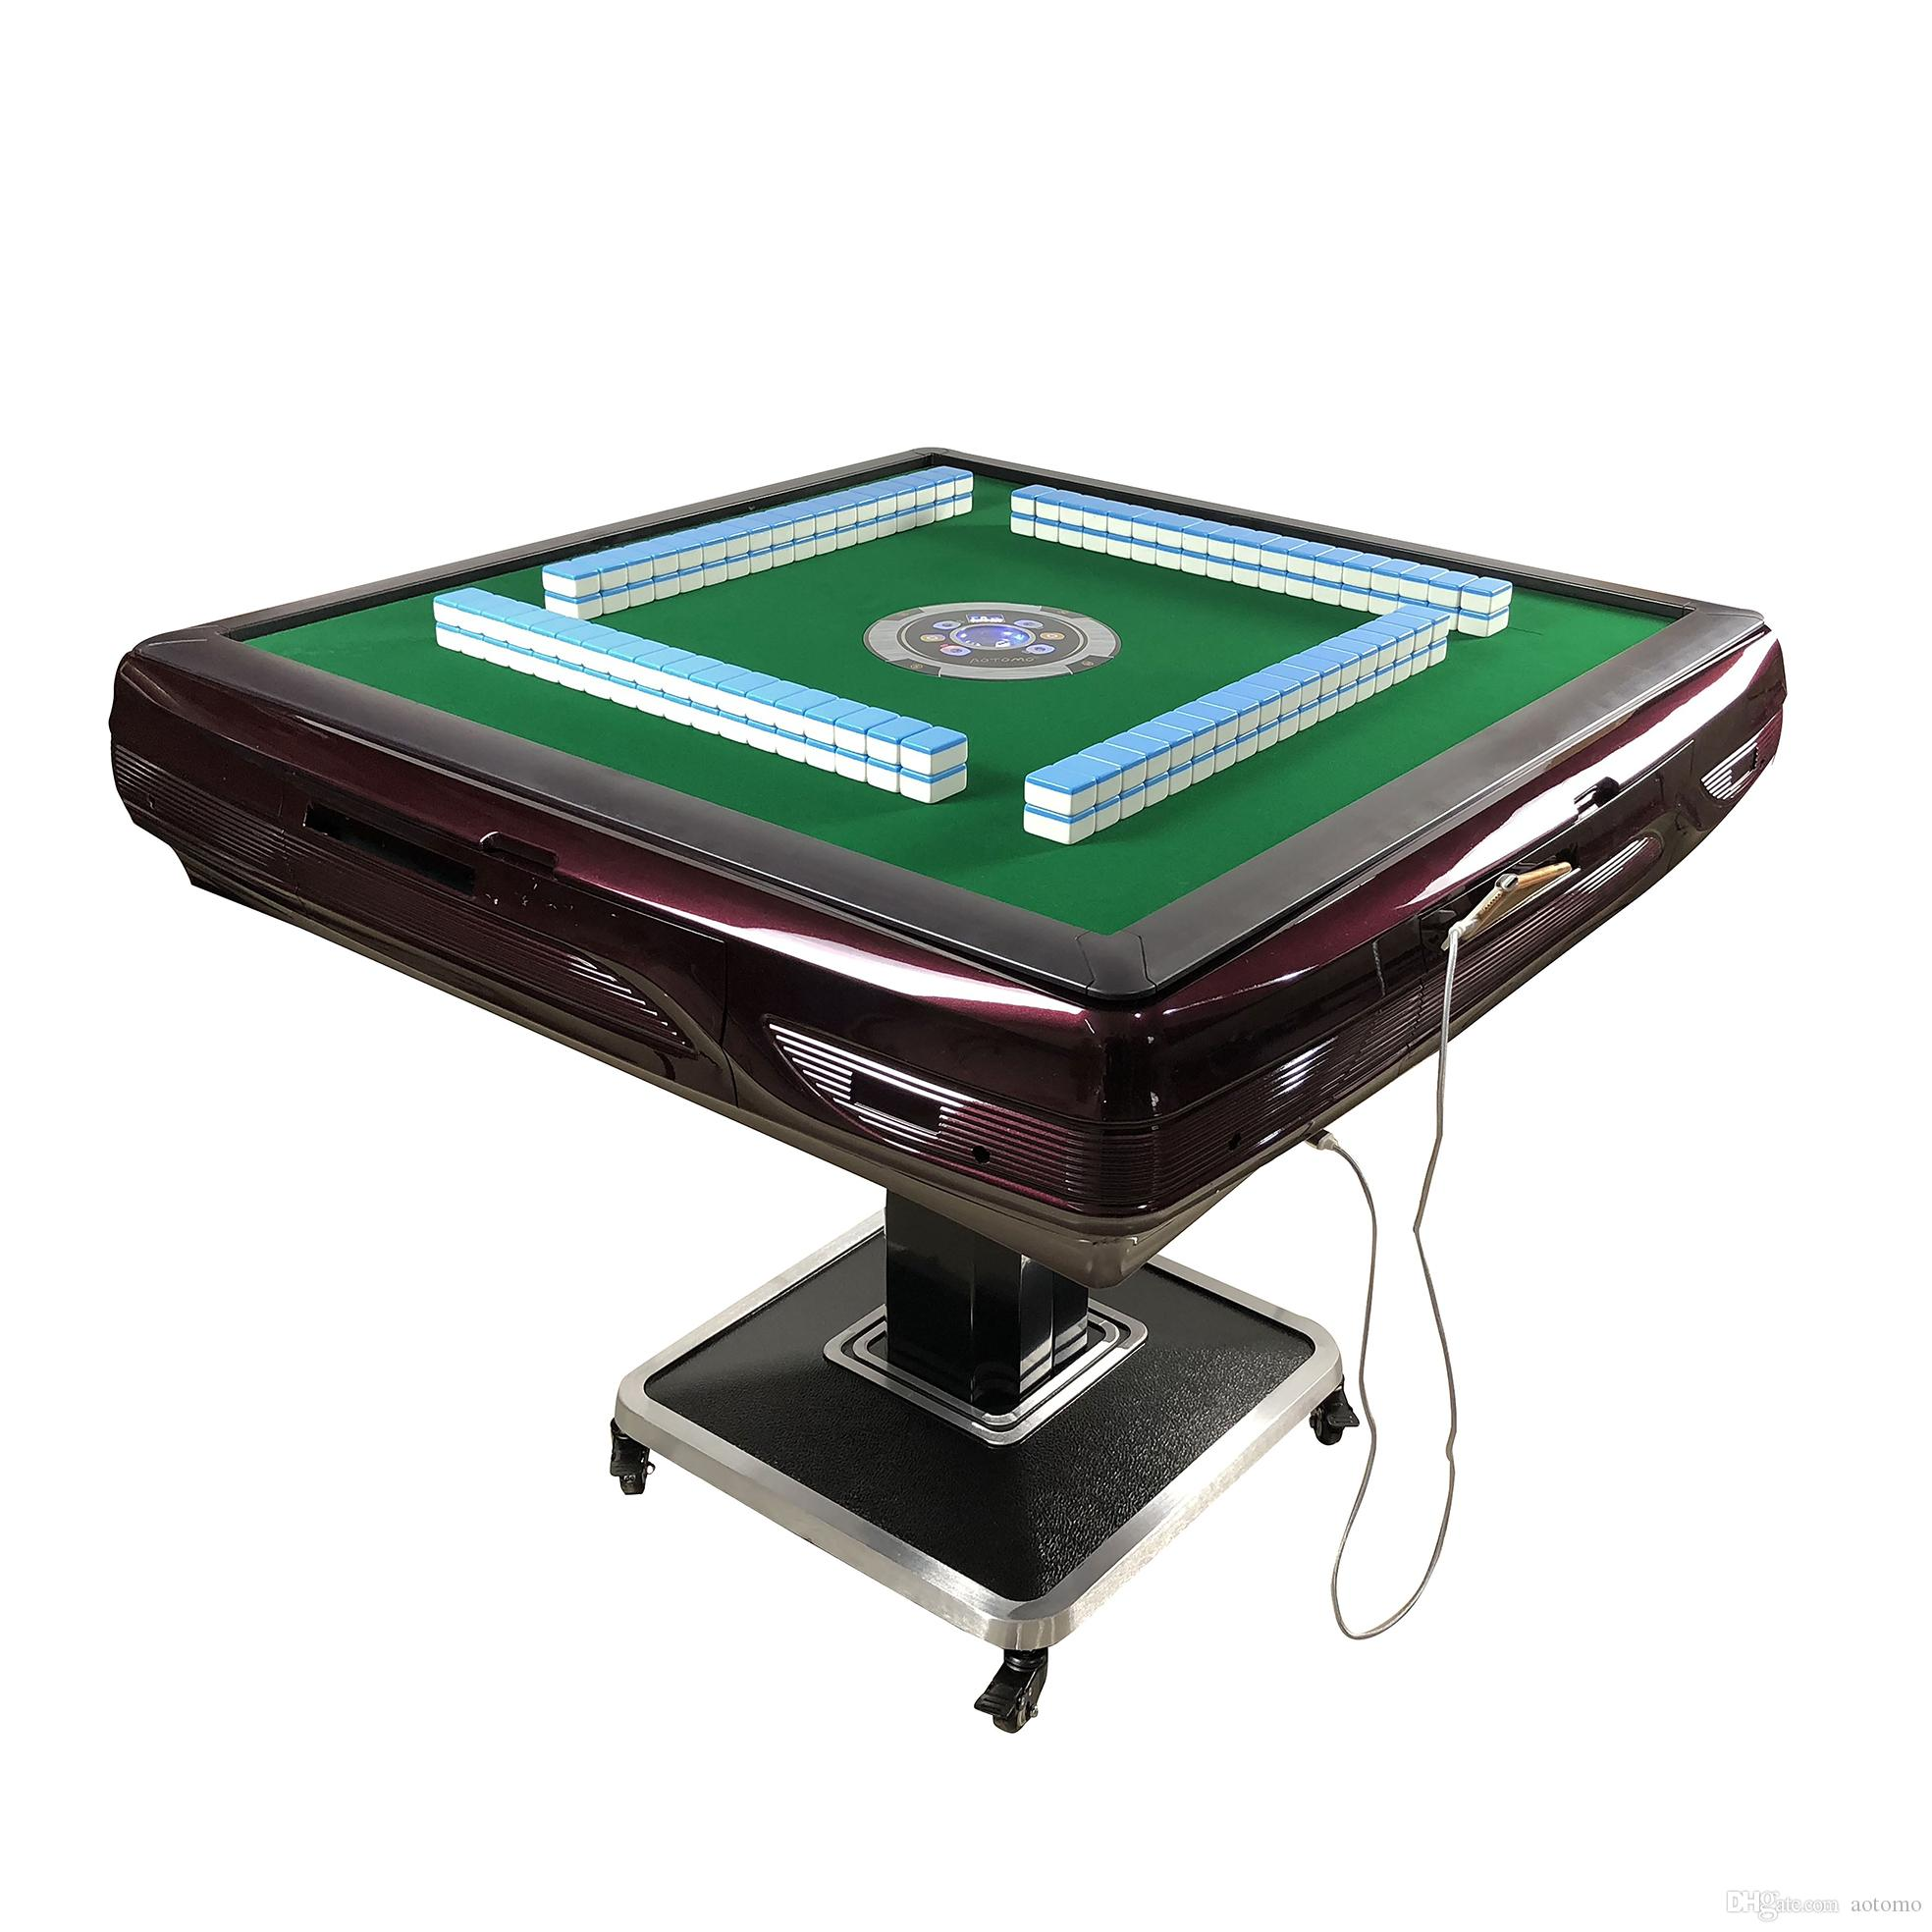 Ajedrez 시간 제한된 플라스틱 자동차 마작 테이블 마작 세트 체스 게임 Tabuleiro de Xadrez 2020 새로운 디자인 자동 마작 테이블